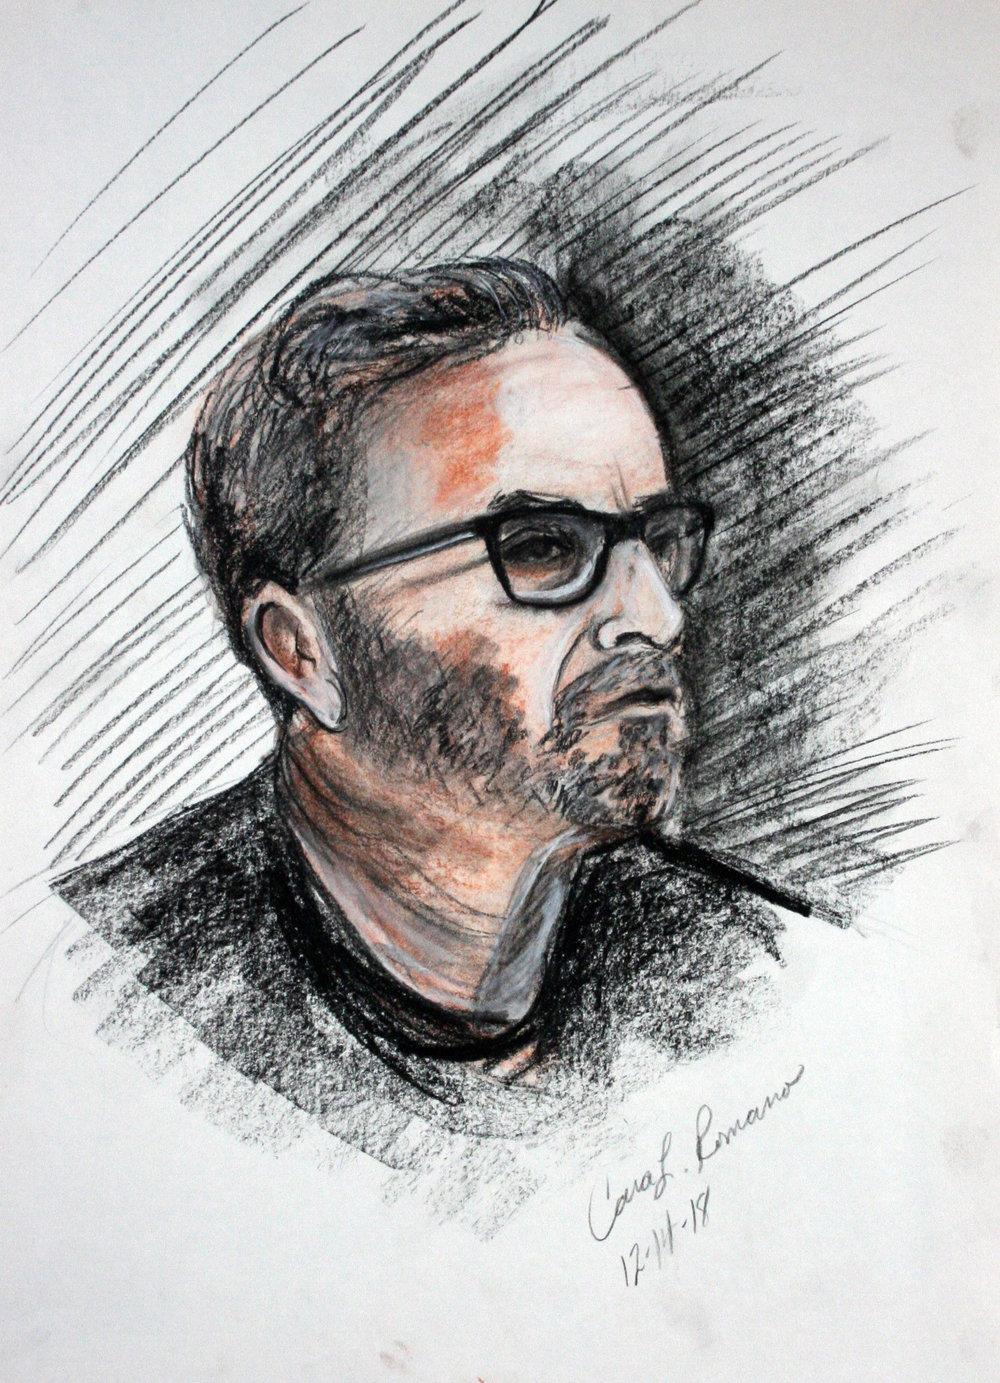 Cara Romano did this drawing.